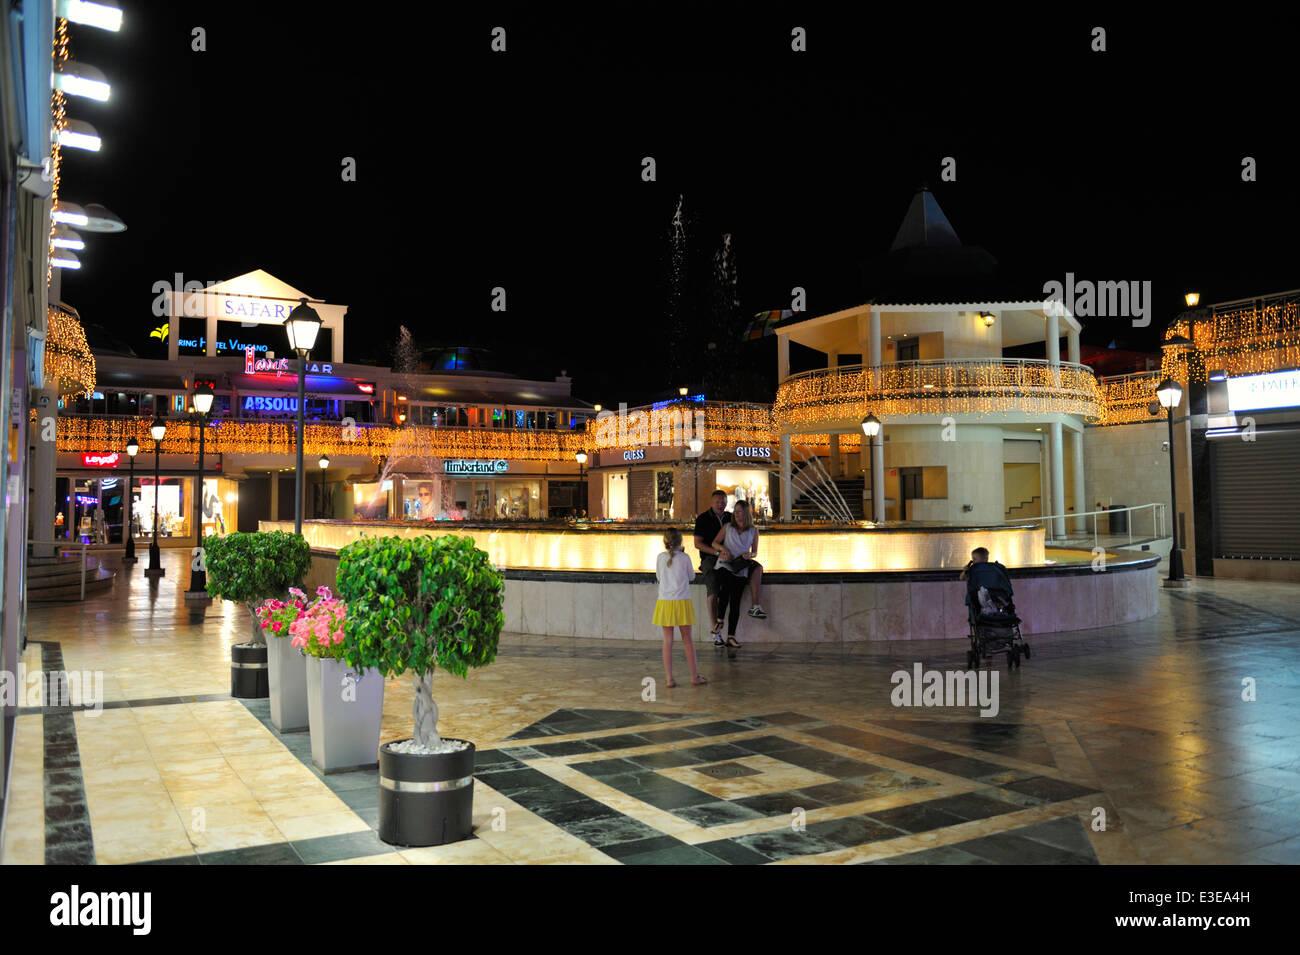 Centro comercial square and shopping centre arona playa - Centro comercial moda shoping ...